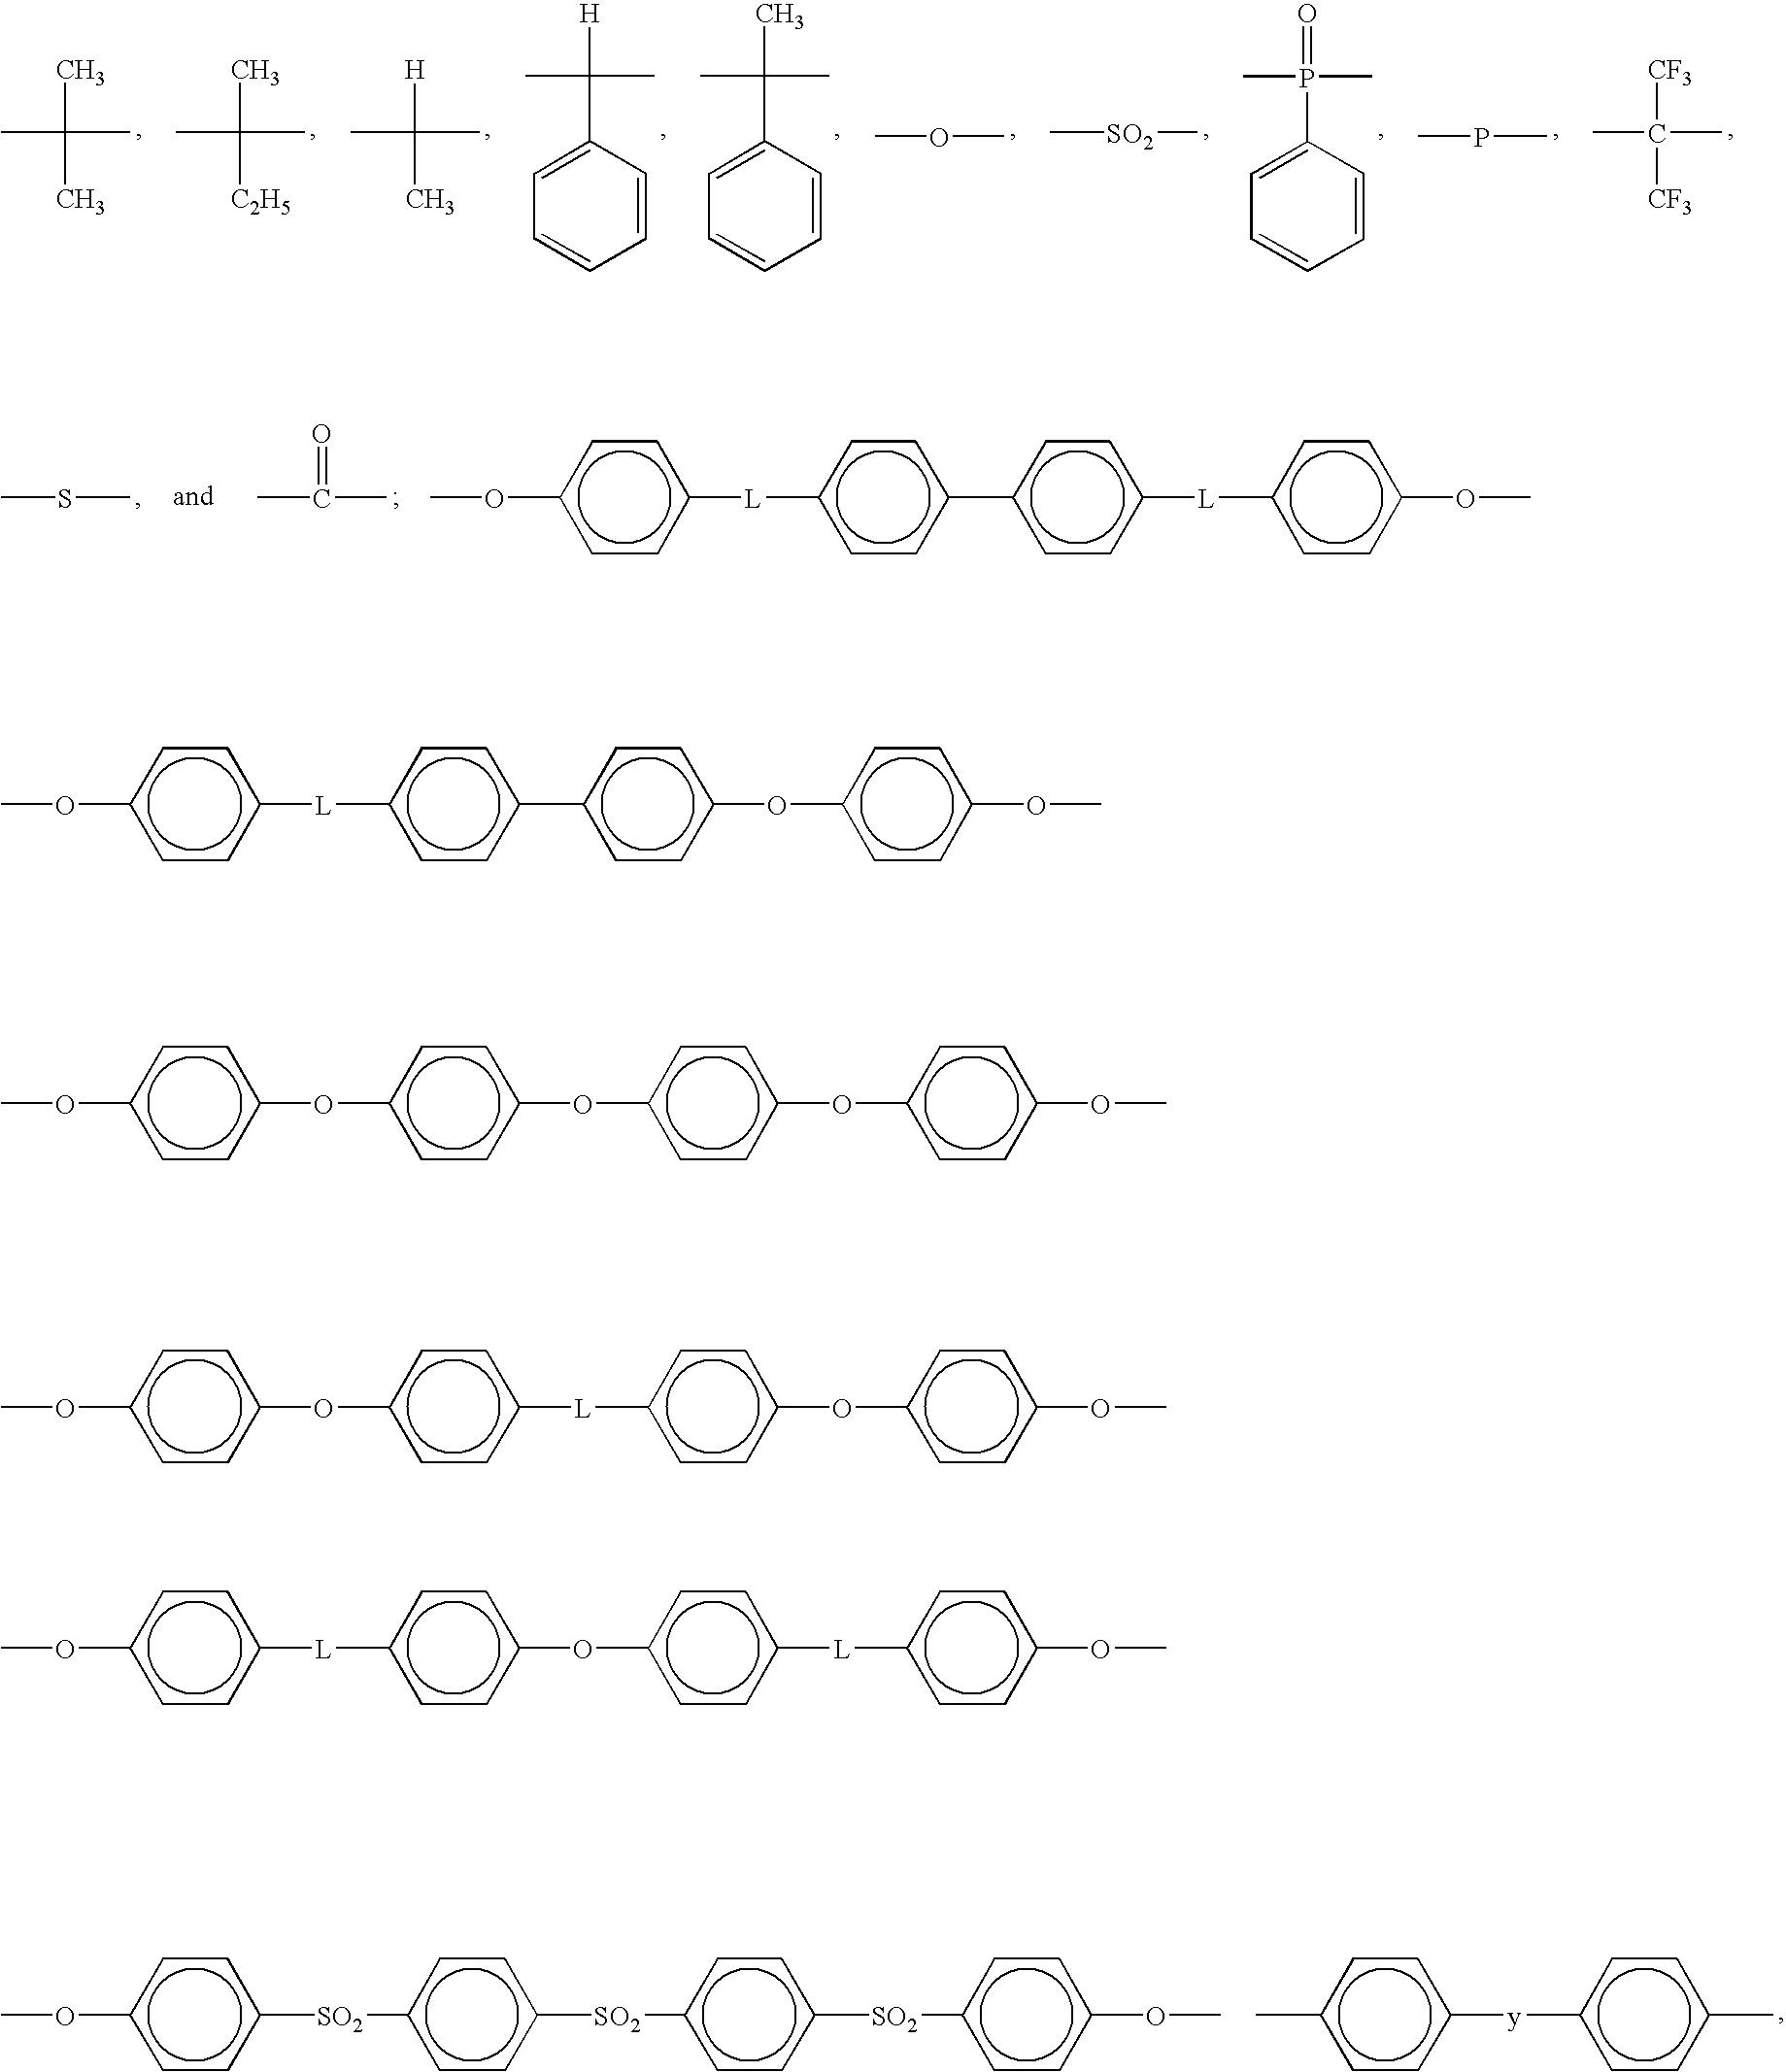 Figure US20080319159A1-20081225-C00002